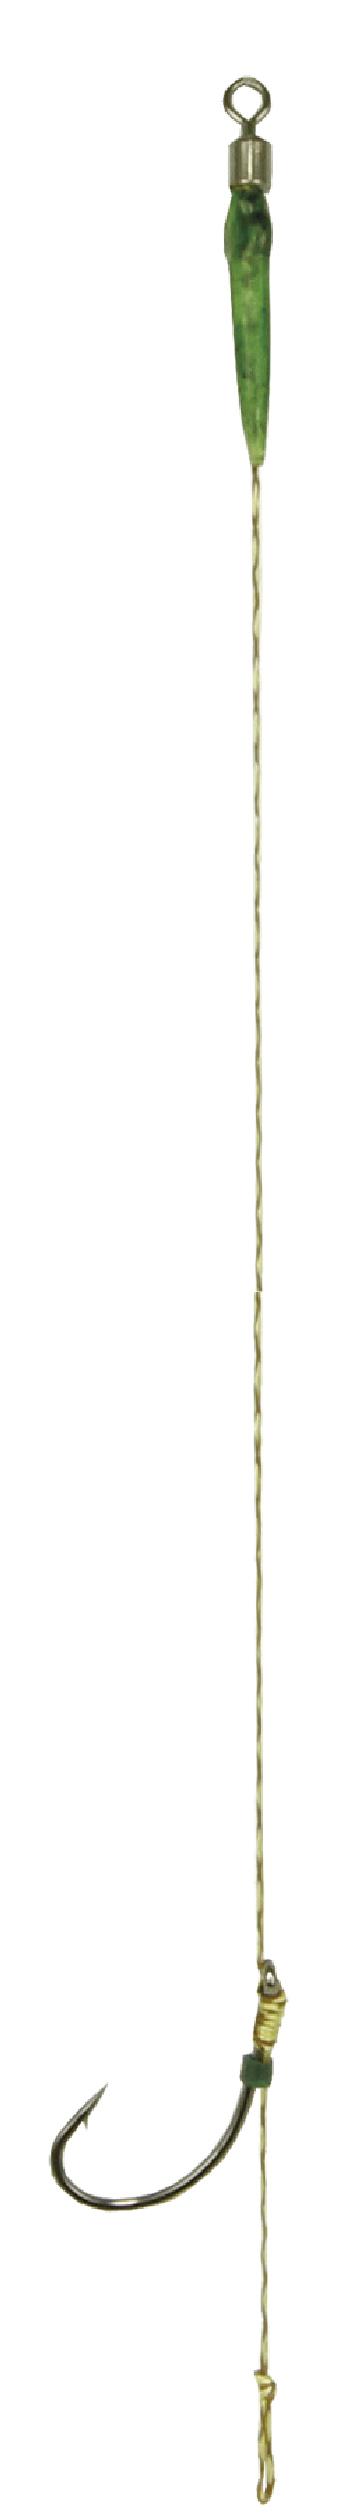 Boilie Elõke 4-es méret /Blowout rig